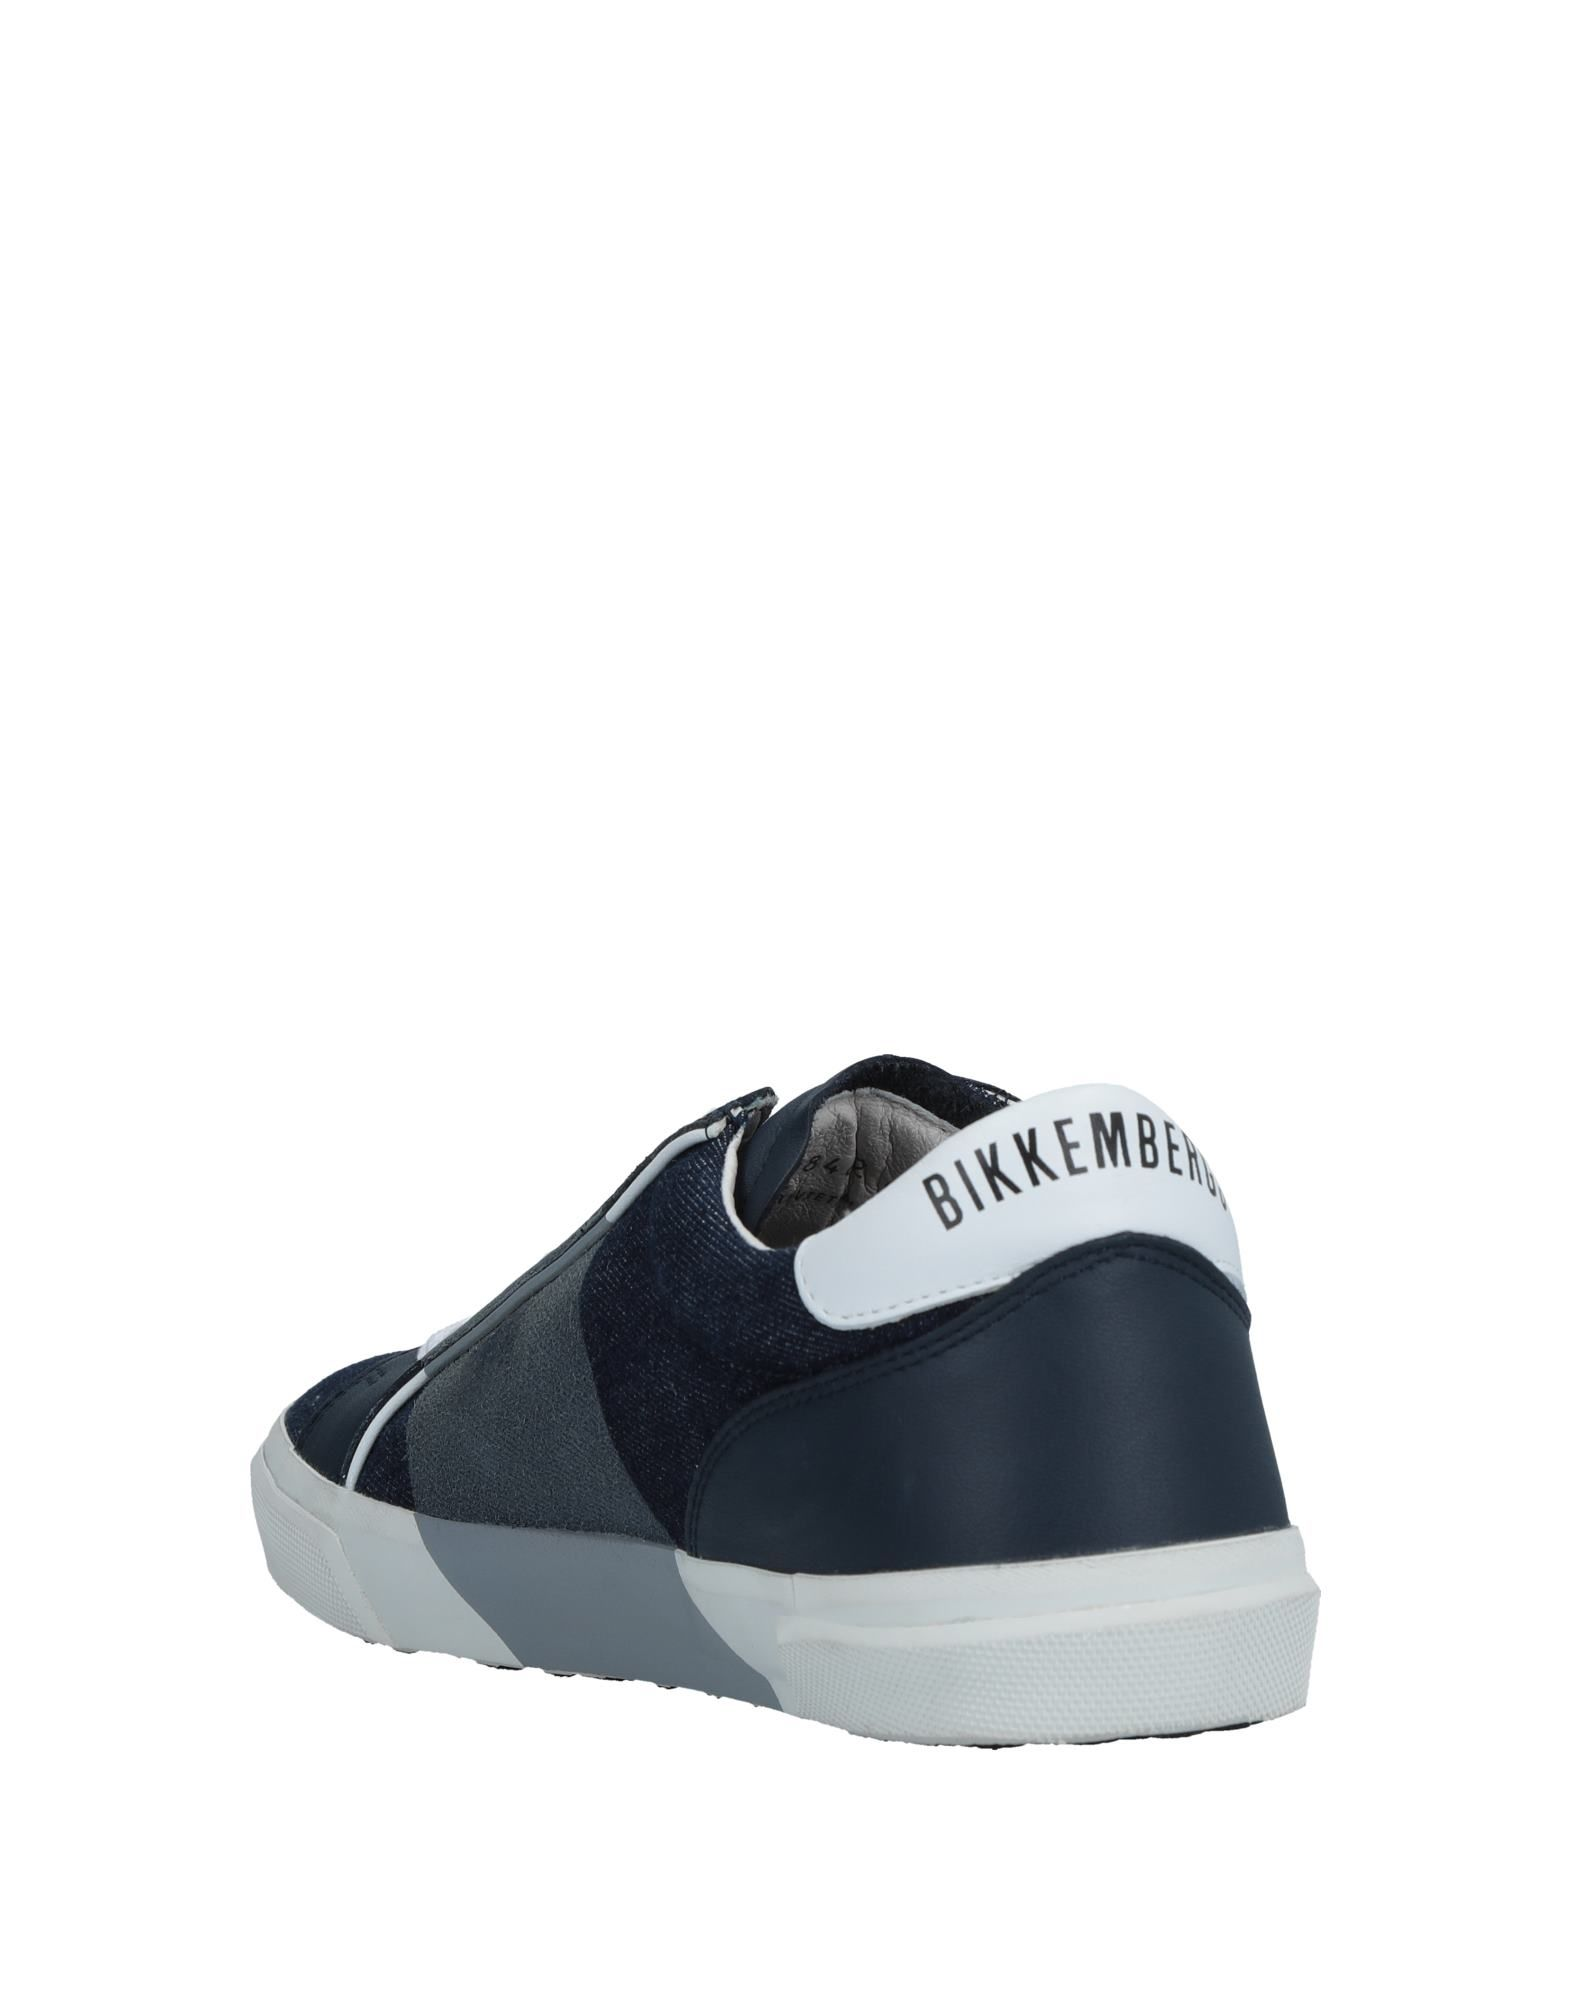 Rabatt echte Schuhe Bikkembergs Sneakers Herren  11521384IL